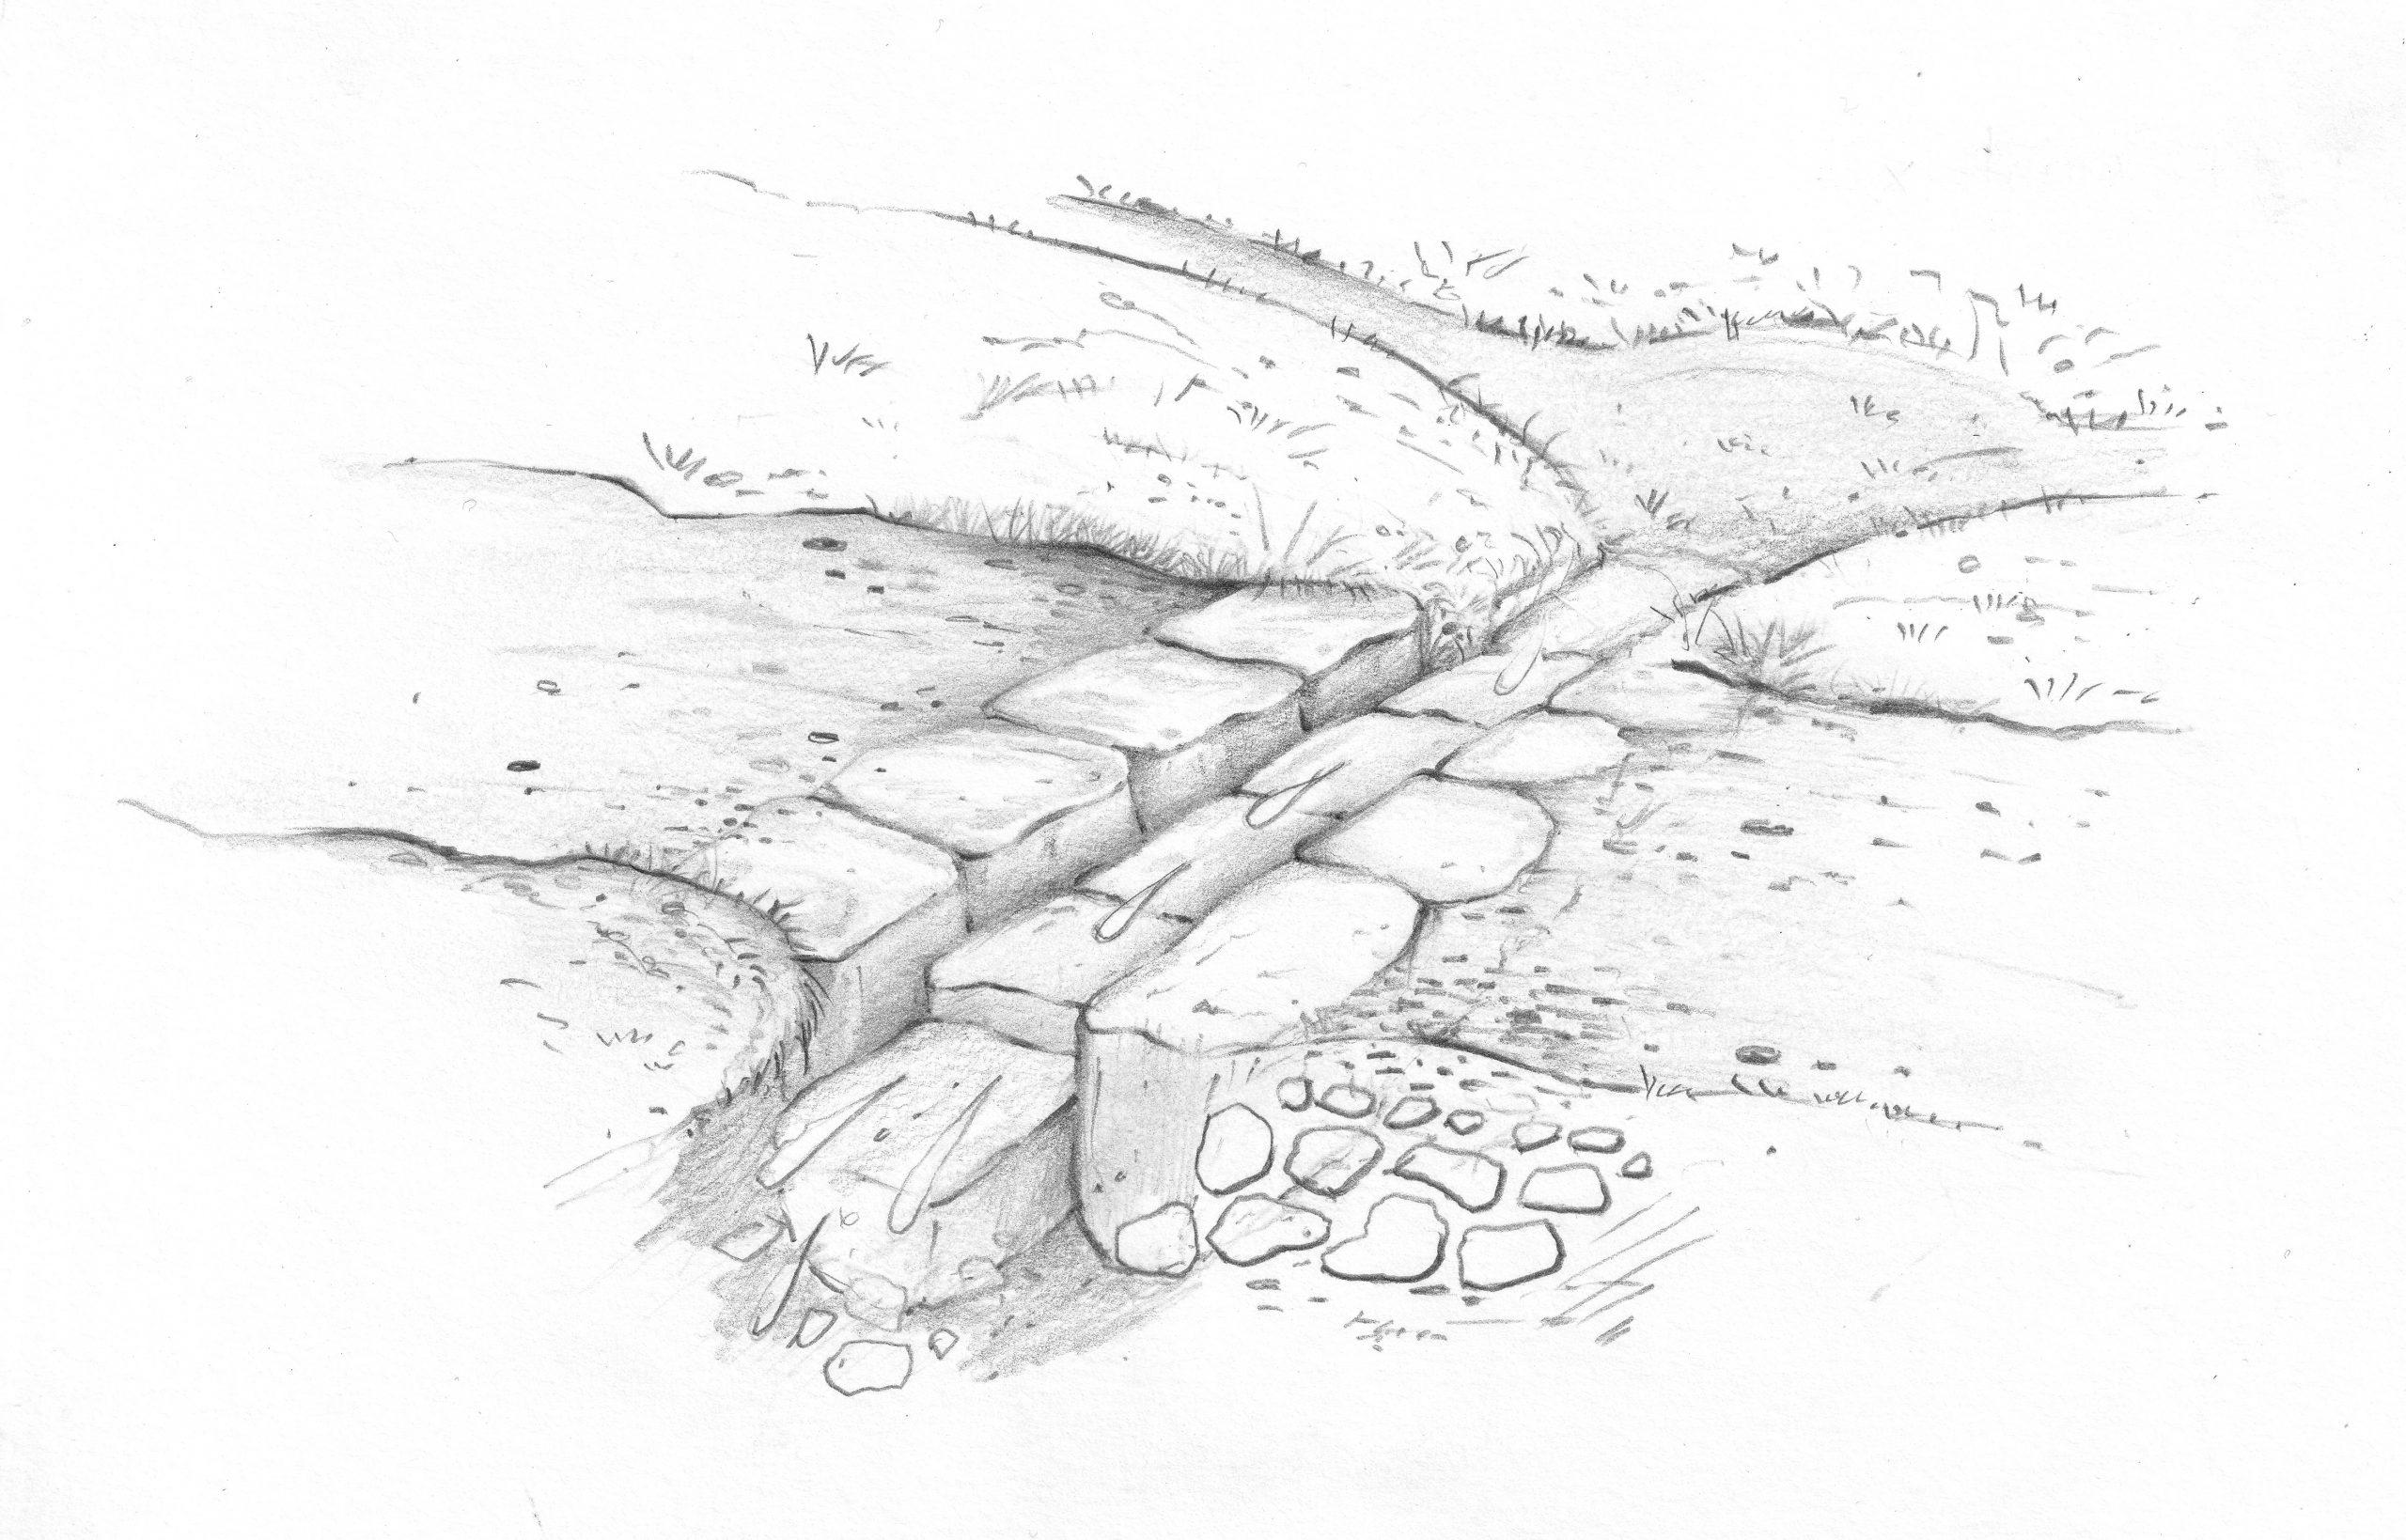 Opið steinræsi